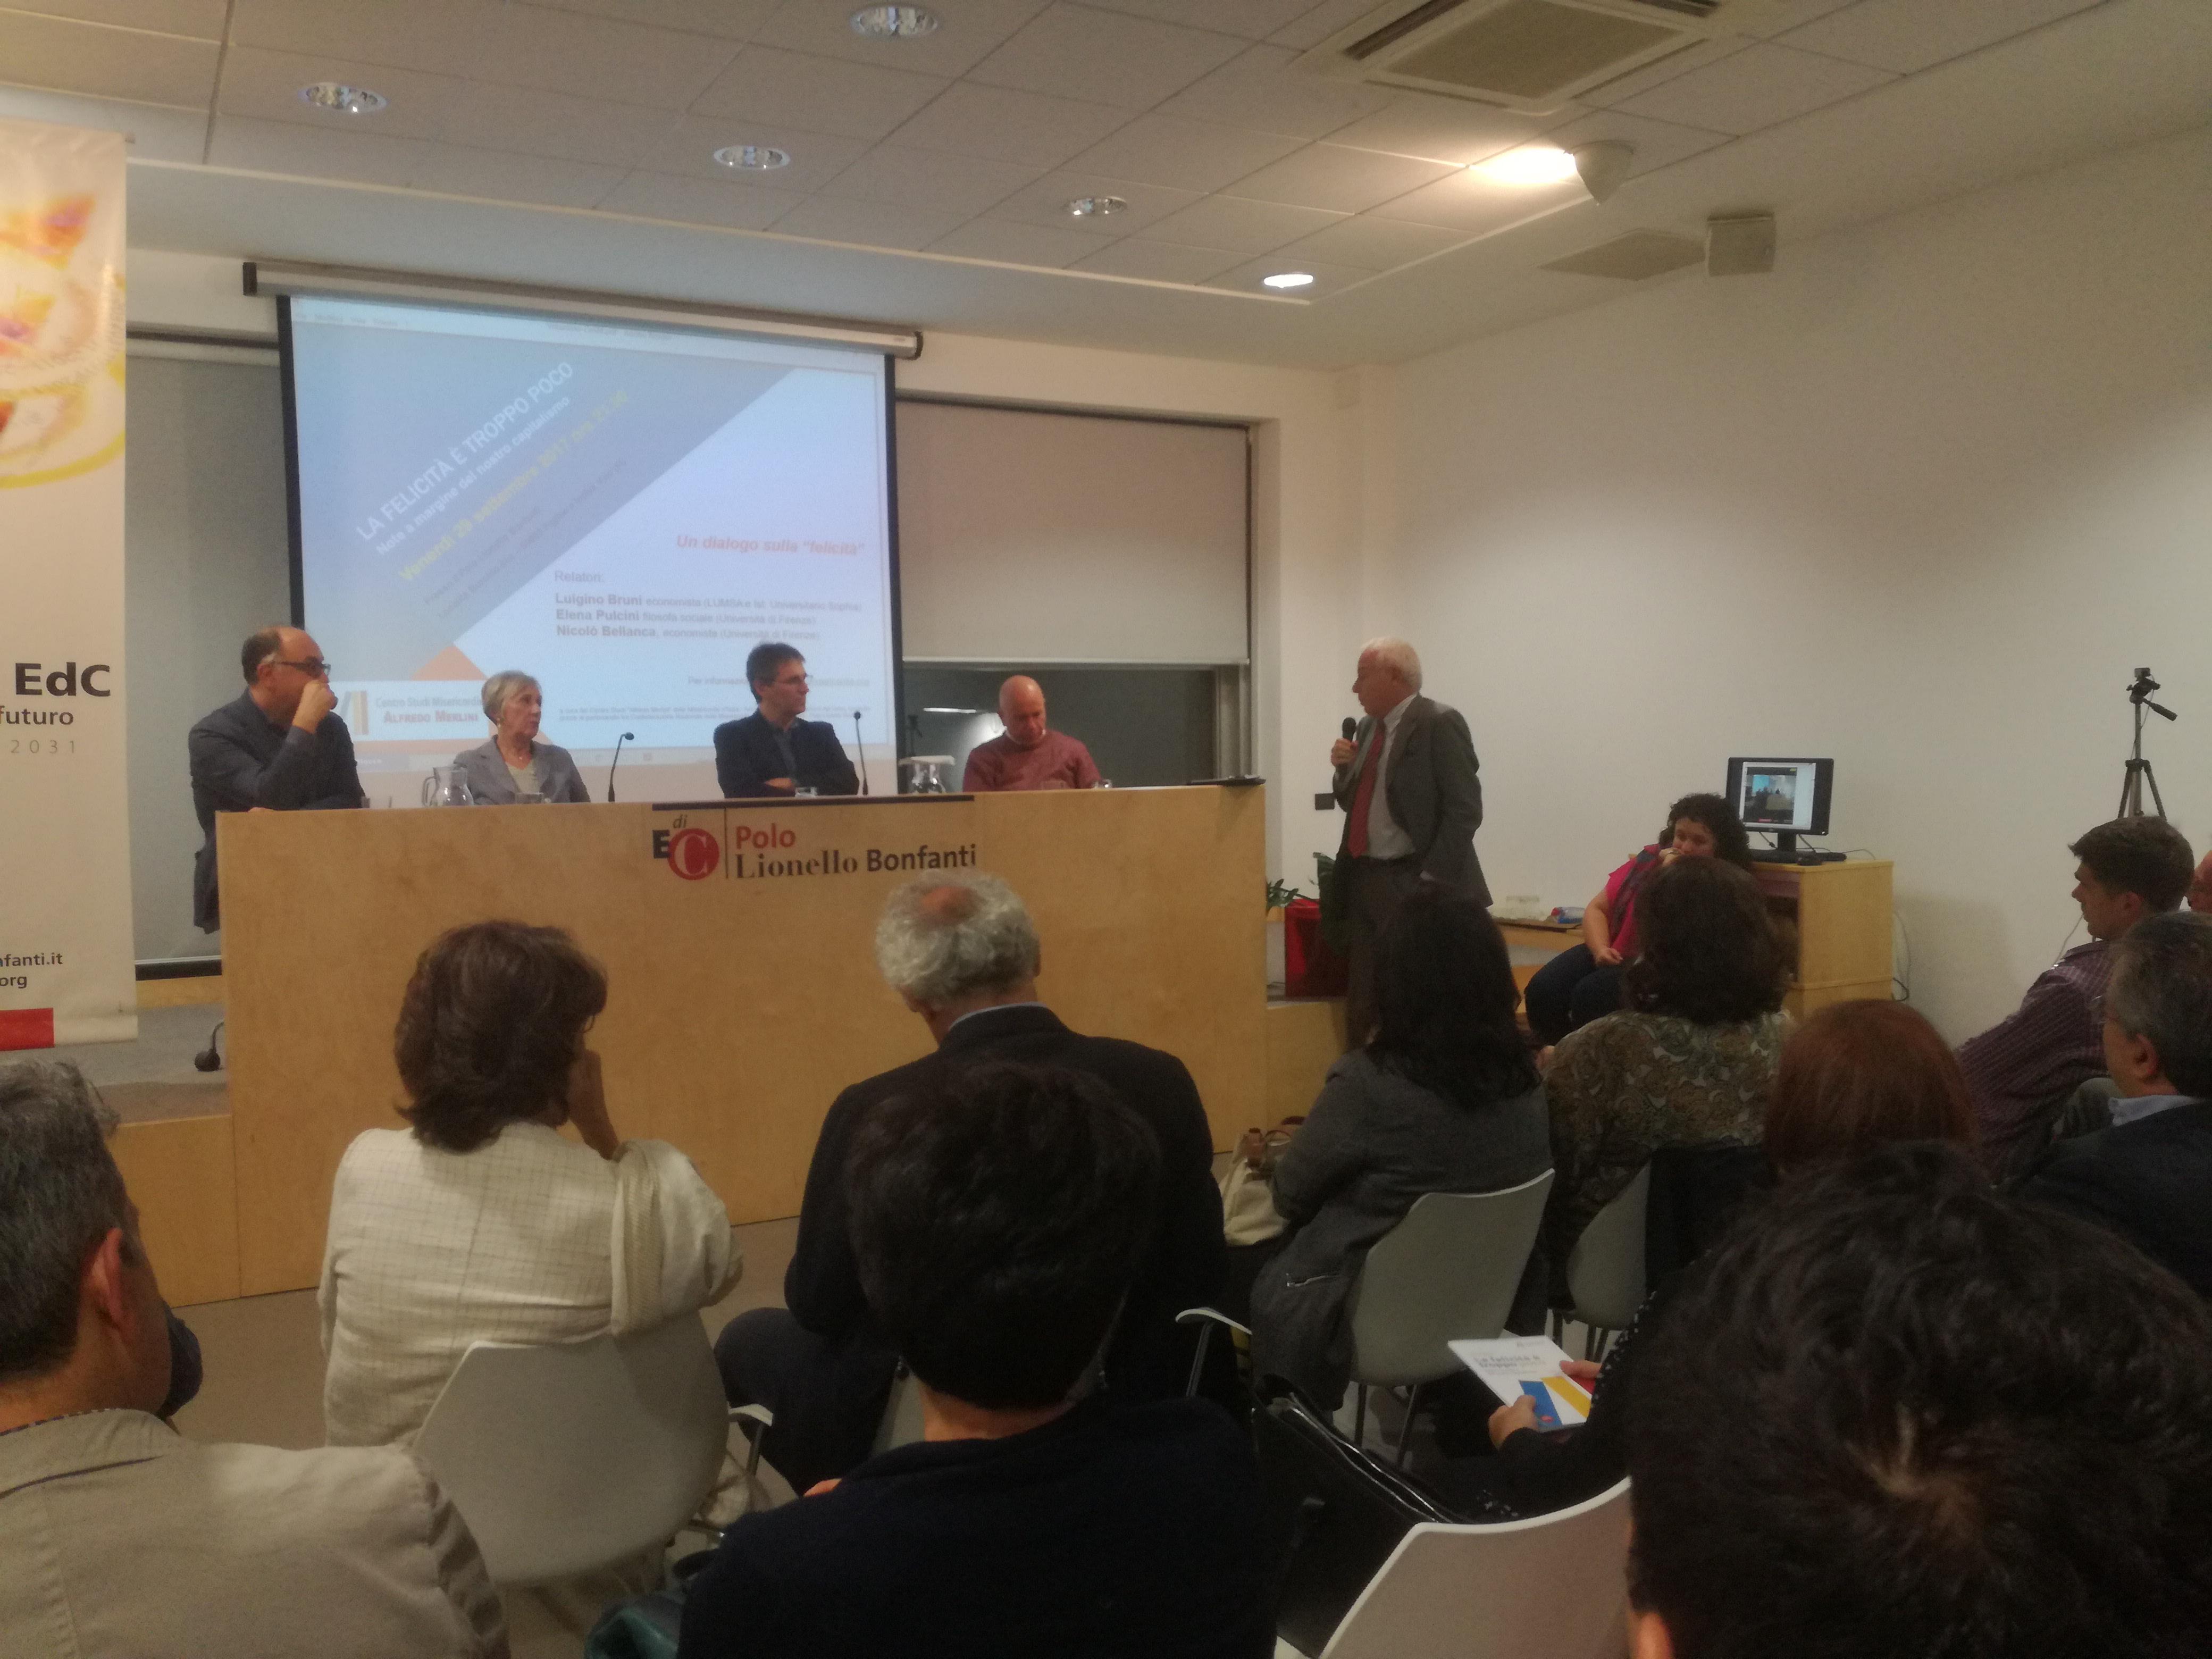 Bruni, Bellanca, Pulcini e Tarquinio a LoppianoLab 2017